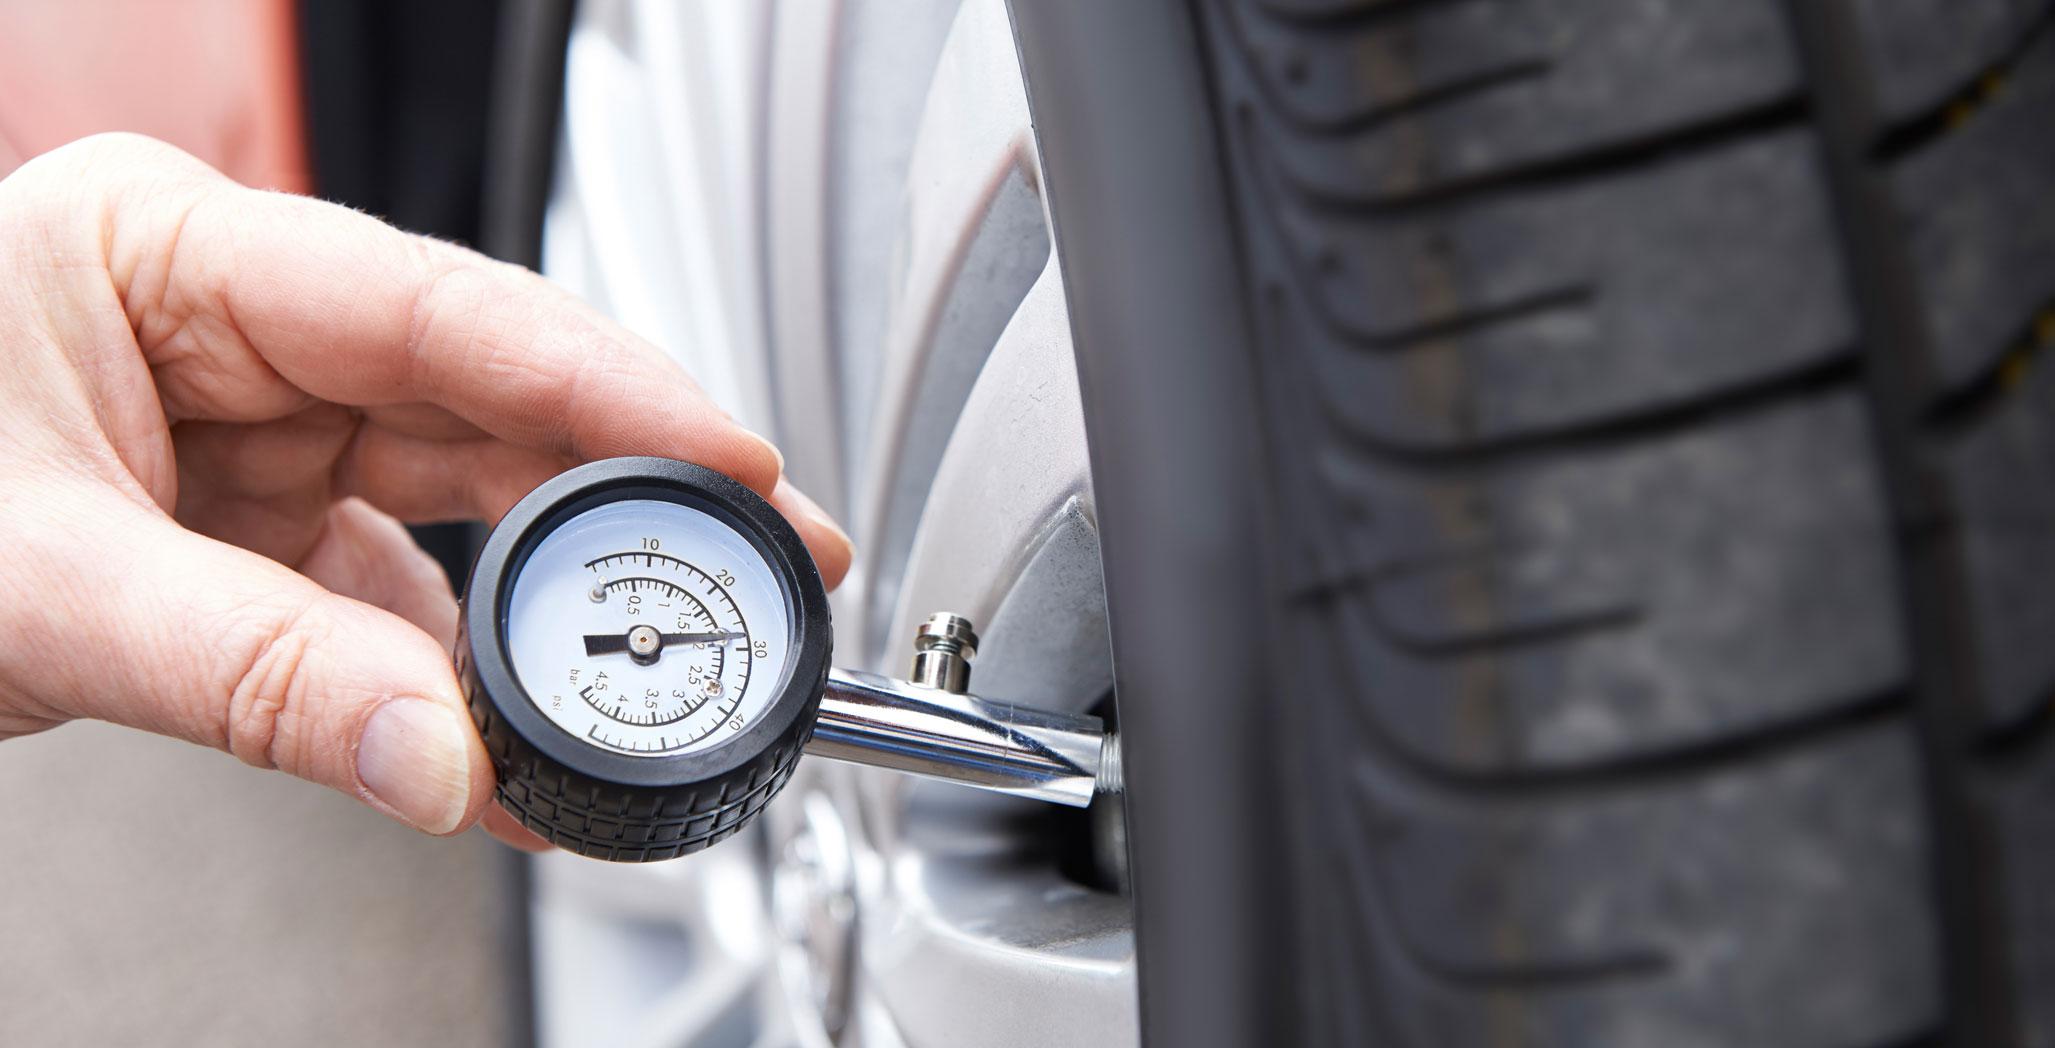 Измерение давления в шинах ТЛК 200 манометром